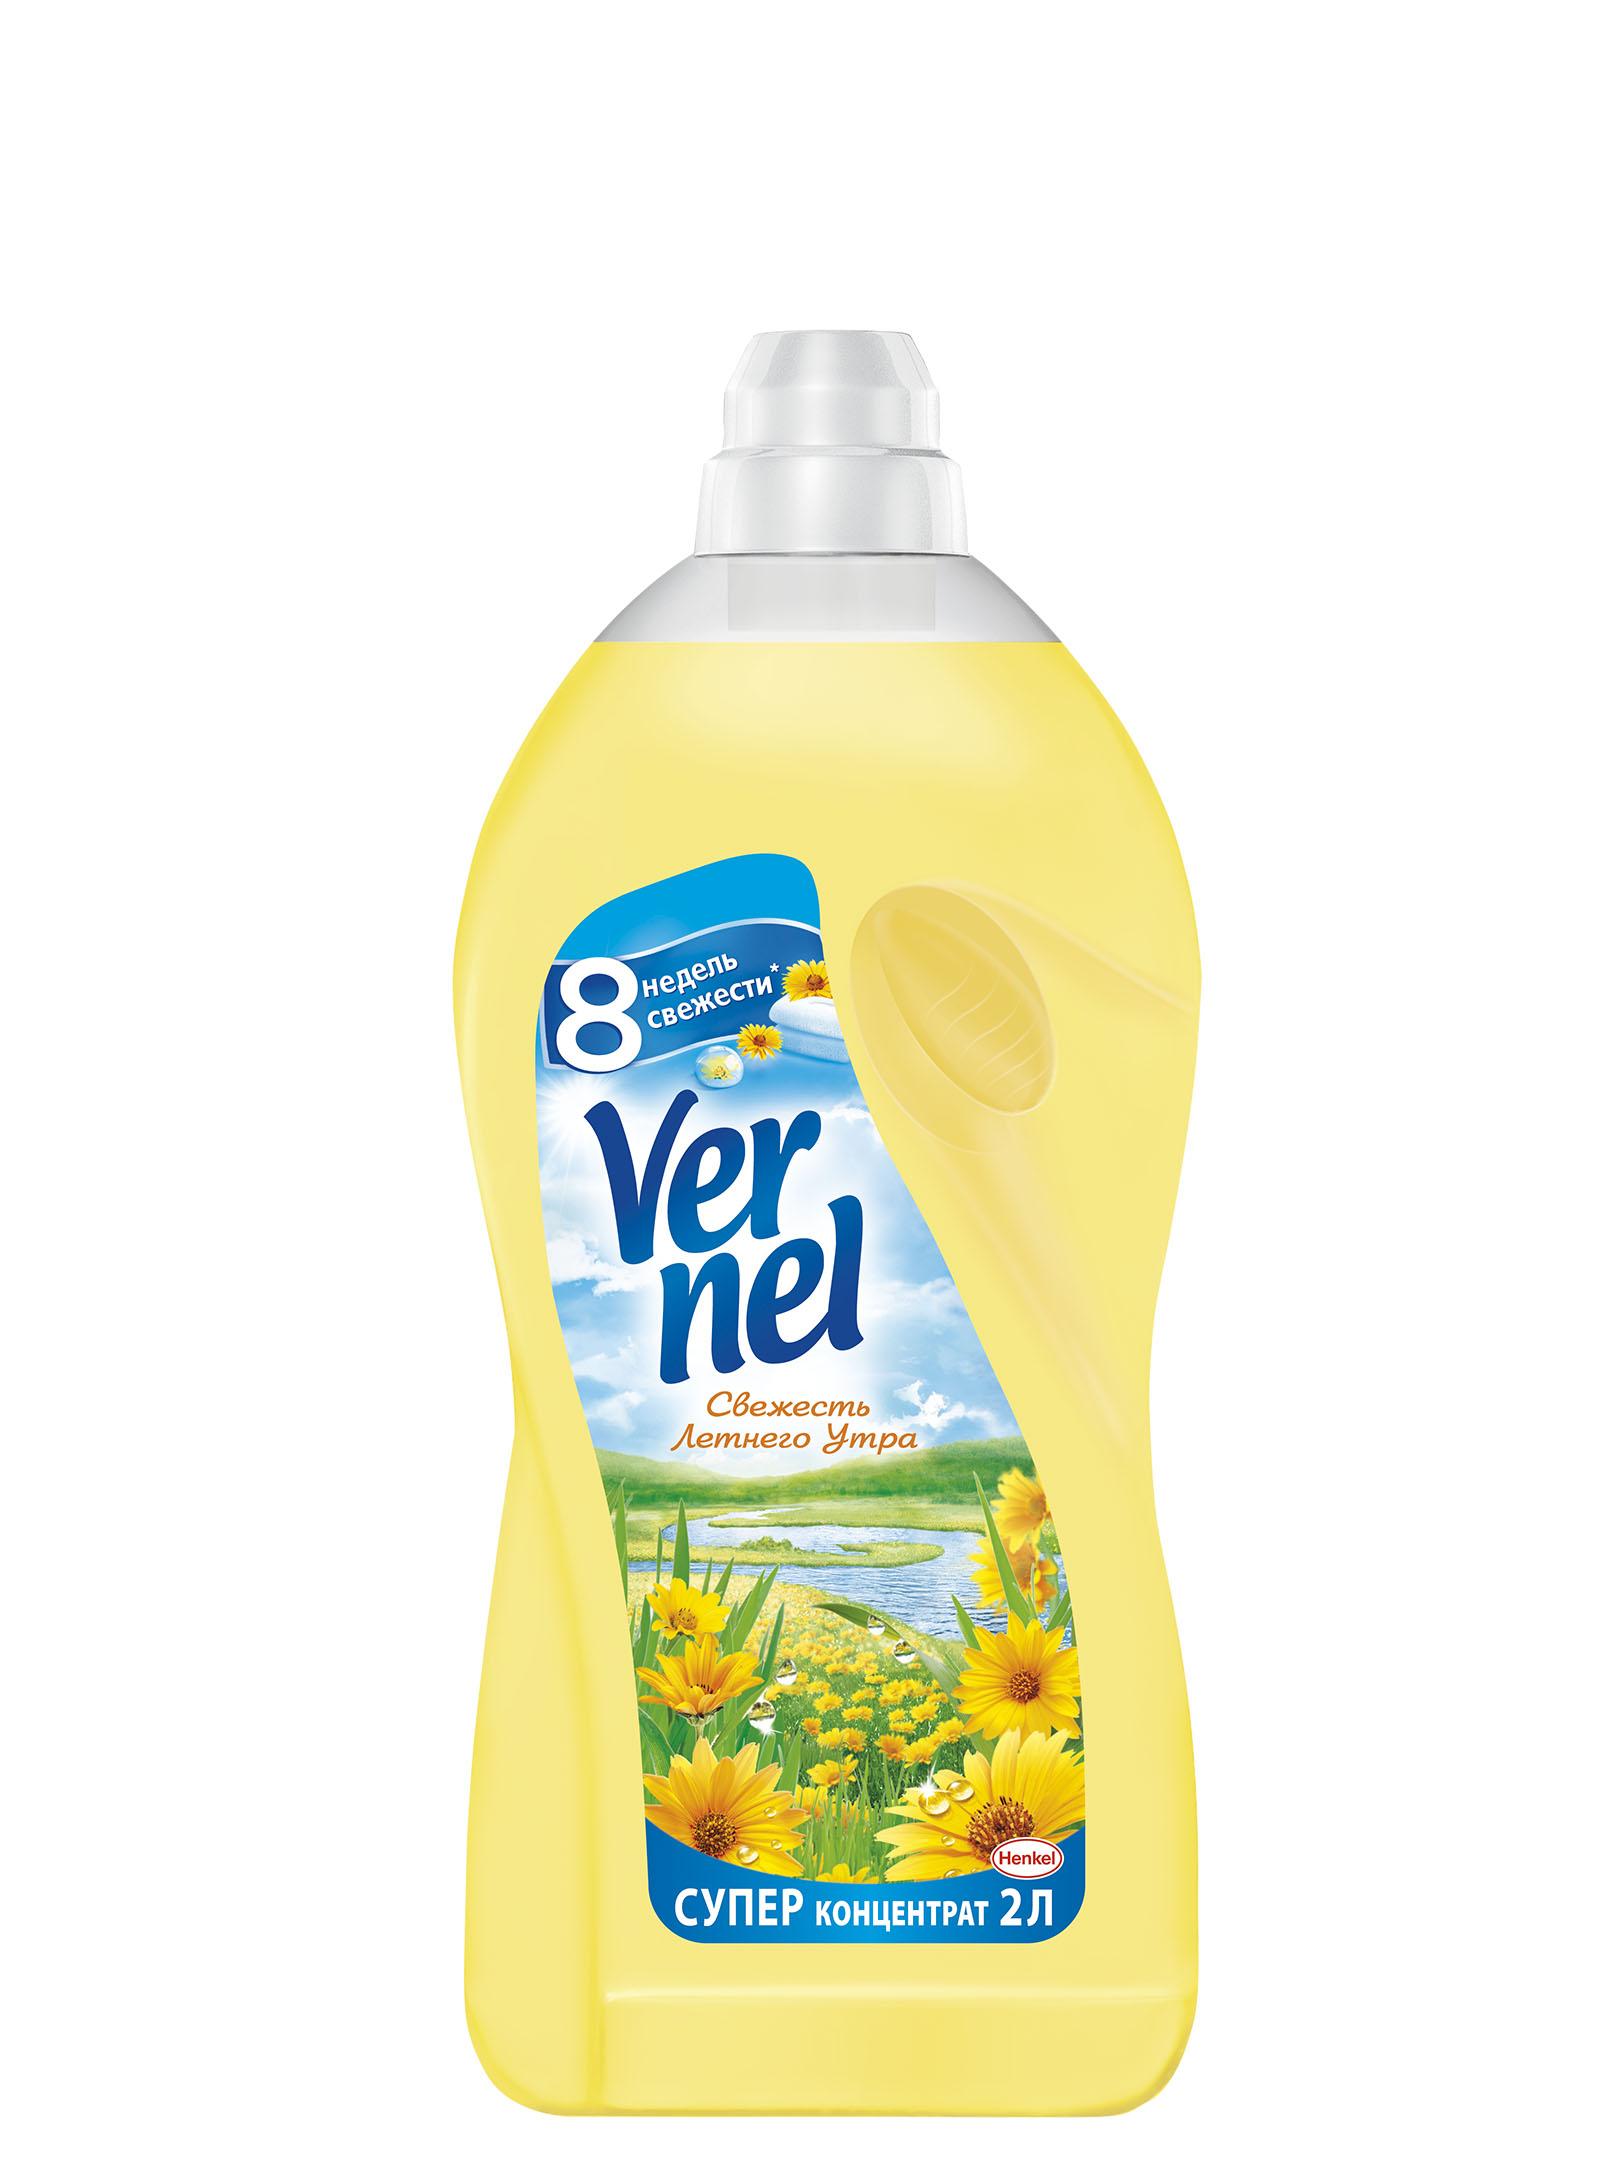 Кондиционер для белья Vernel Свежесть Летнего Утра 2л10503С новой Классической линейкой Vernel свежесть белья длится до 8 недель. Новая формула Vernel обогащена аромакапсулами, которые обеспечивают длительную свежесть. Более того, кондиционеры для белья Vernel придают белью невероятную мягкость, такую же приятную, как и ее запах.Свойства кондиционера для белья Vernel:1. Придает мягкость2. Придает приятный аромат3. Обладает антистатическим эффектом4. Облегчает глажениеДо 8 недель свежести при условии хранения белья без использования благодаря аромакапсуламСостав: Состав: 5-15% катионные ПАВ; Товар сертифицирован.